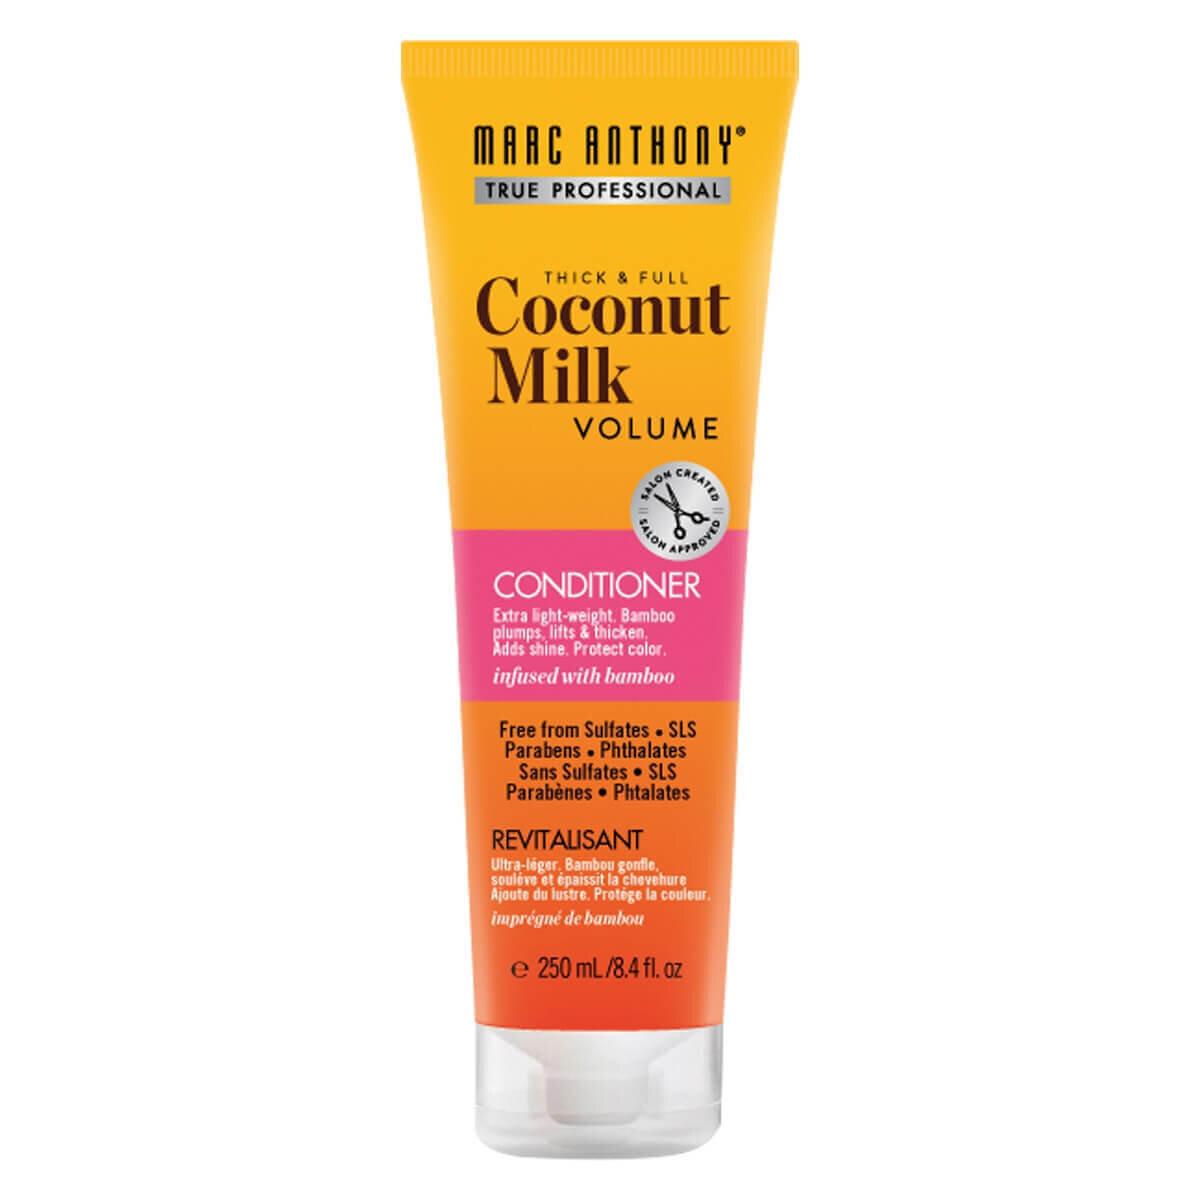 İnce Telli Saçlar için Dolgunlaştırıcı & Kalınlaştırıcı Coconut Milk Bakım Kremi 250 ml